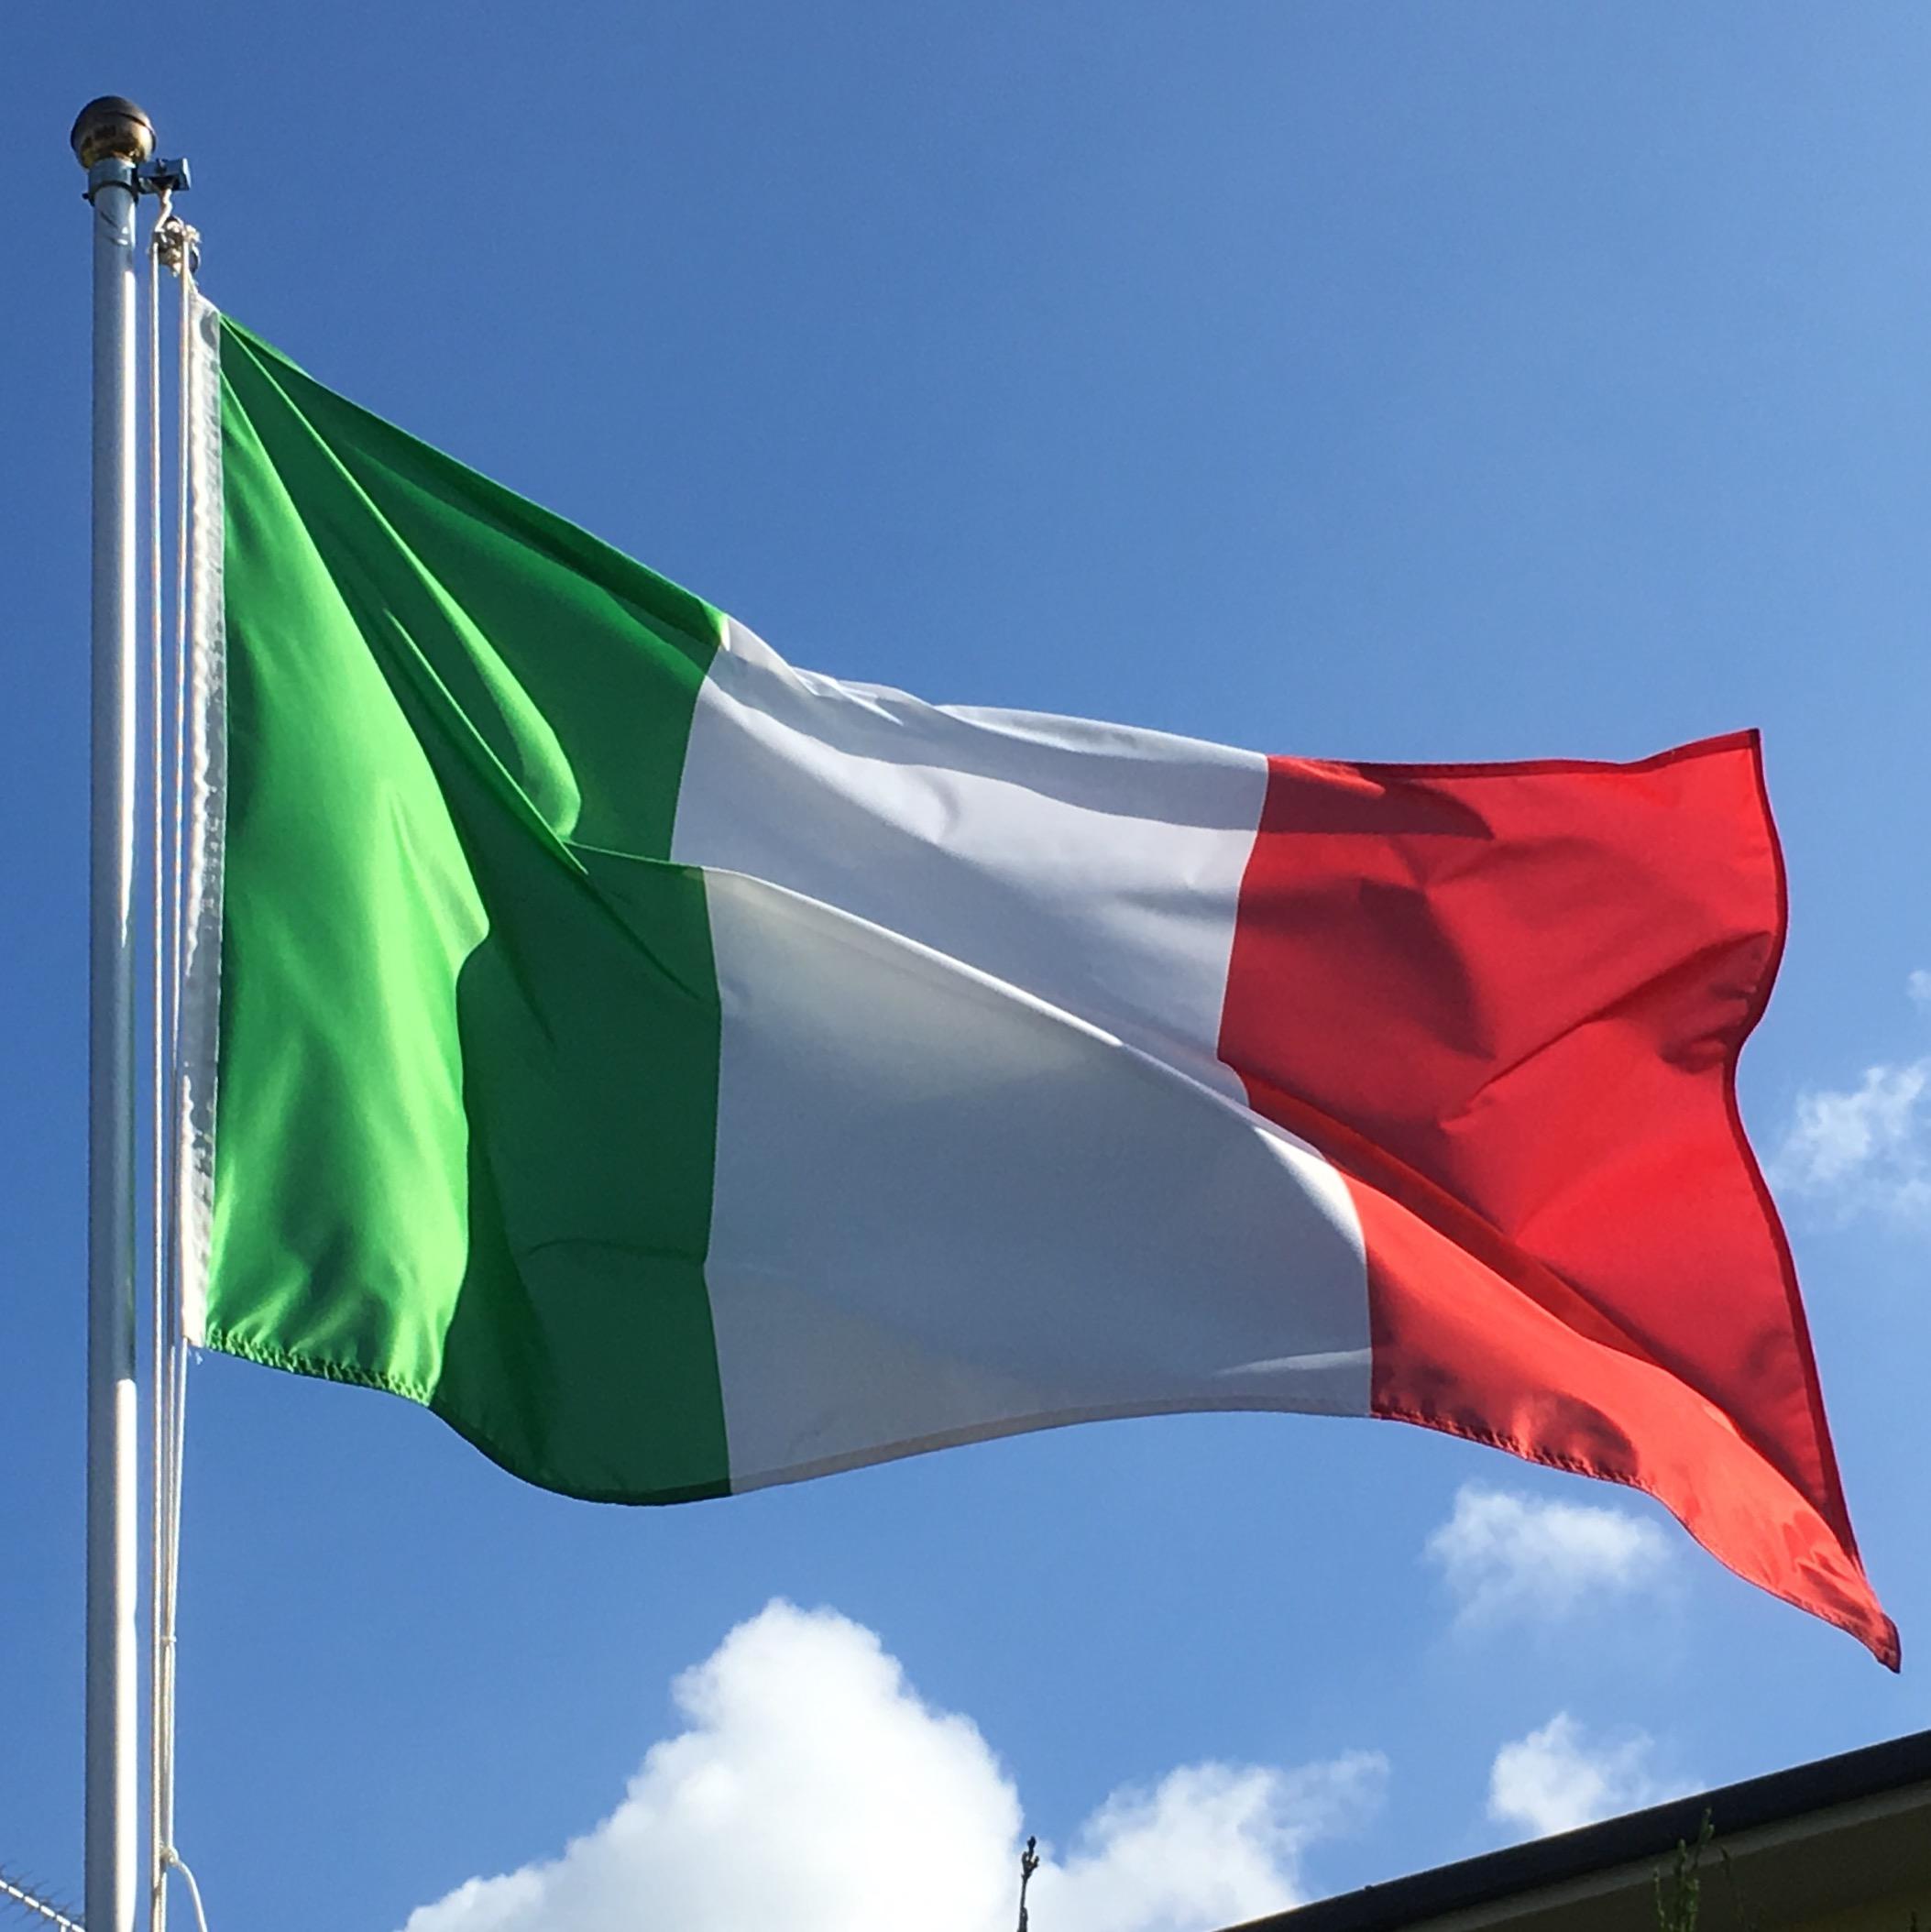 Bandiera italiana in vendita bandiera italia for Bandiera di guerra italiana